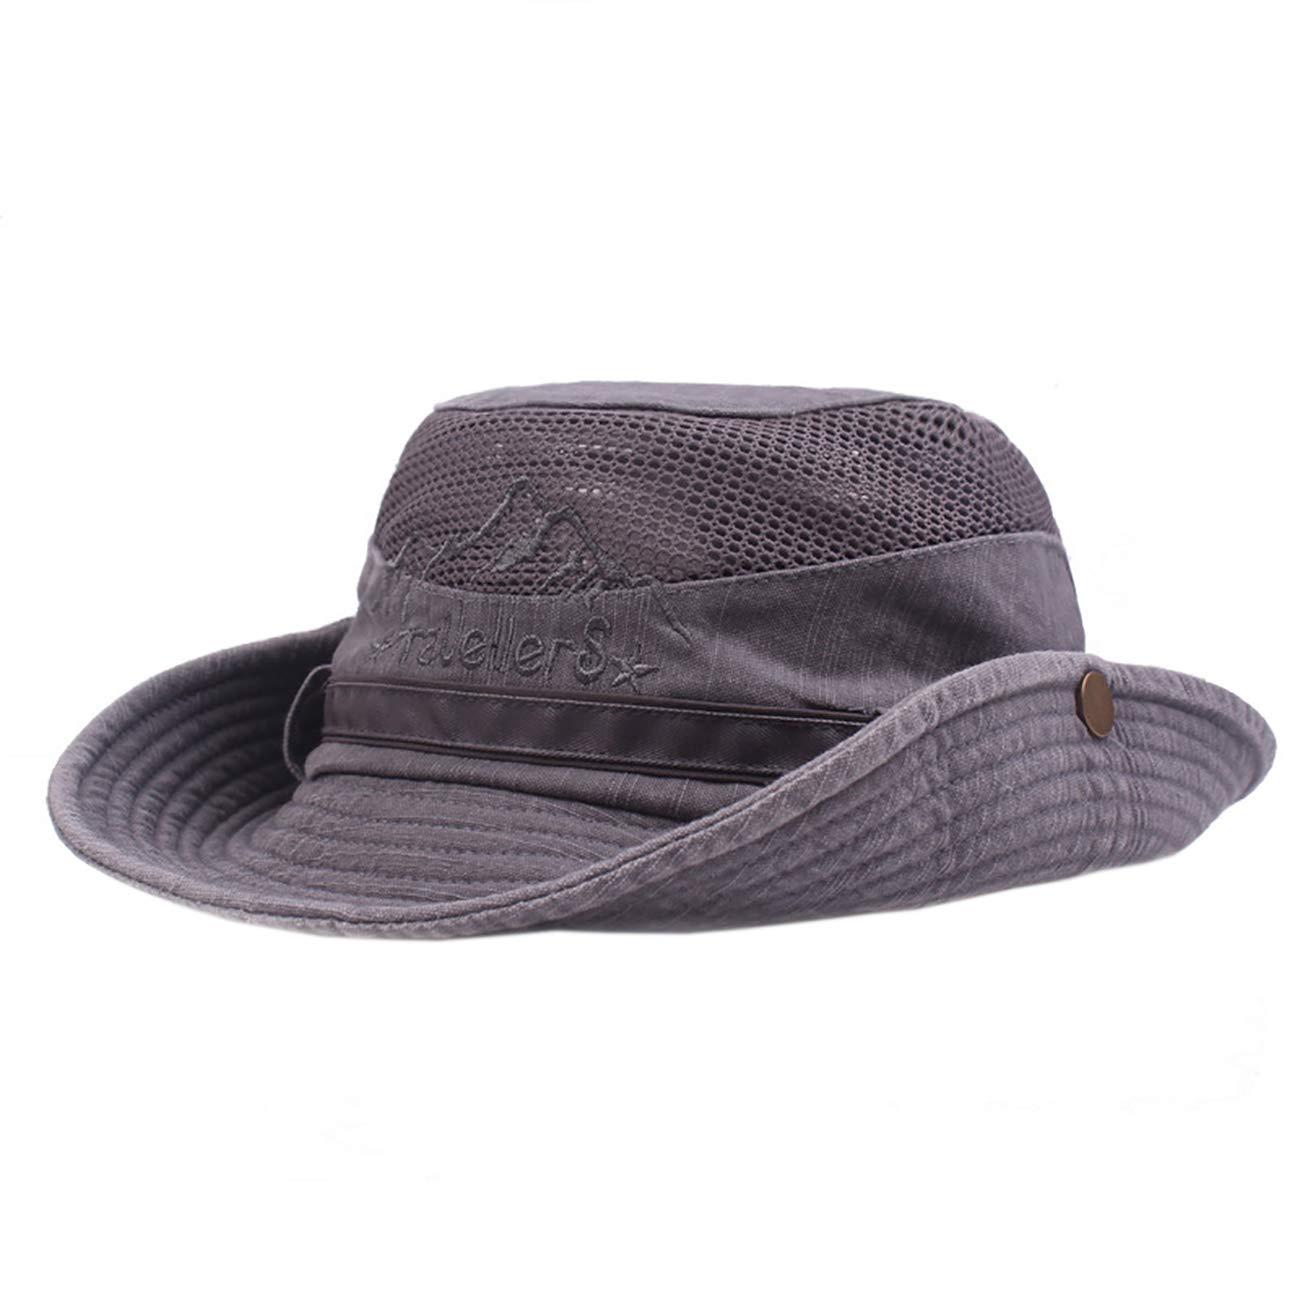 EZCAMP Sombrero de Pesca para Hombre Sombrero de Sol con Banda Ajustable